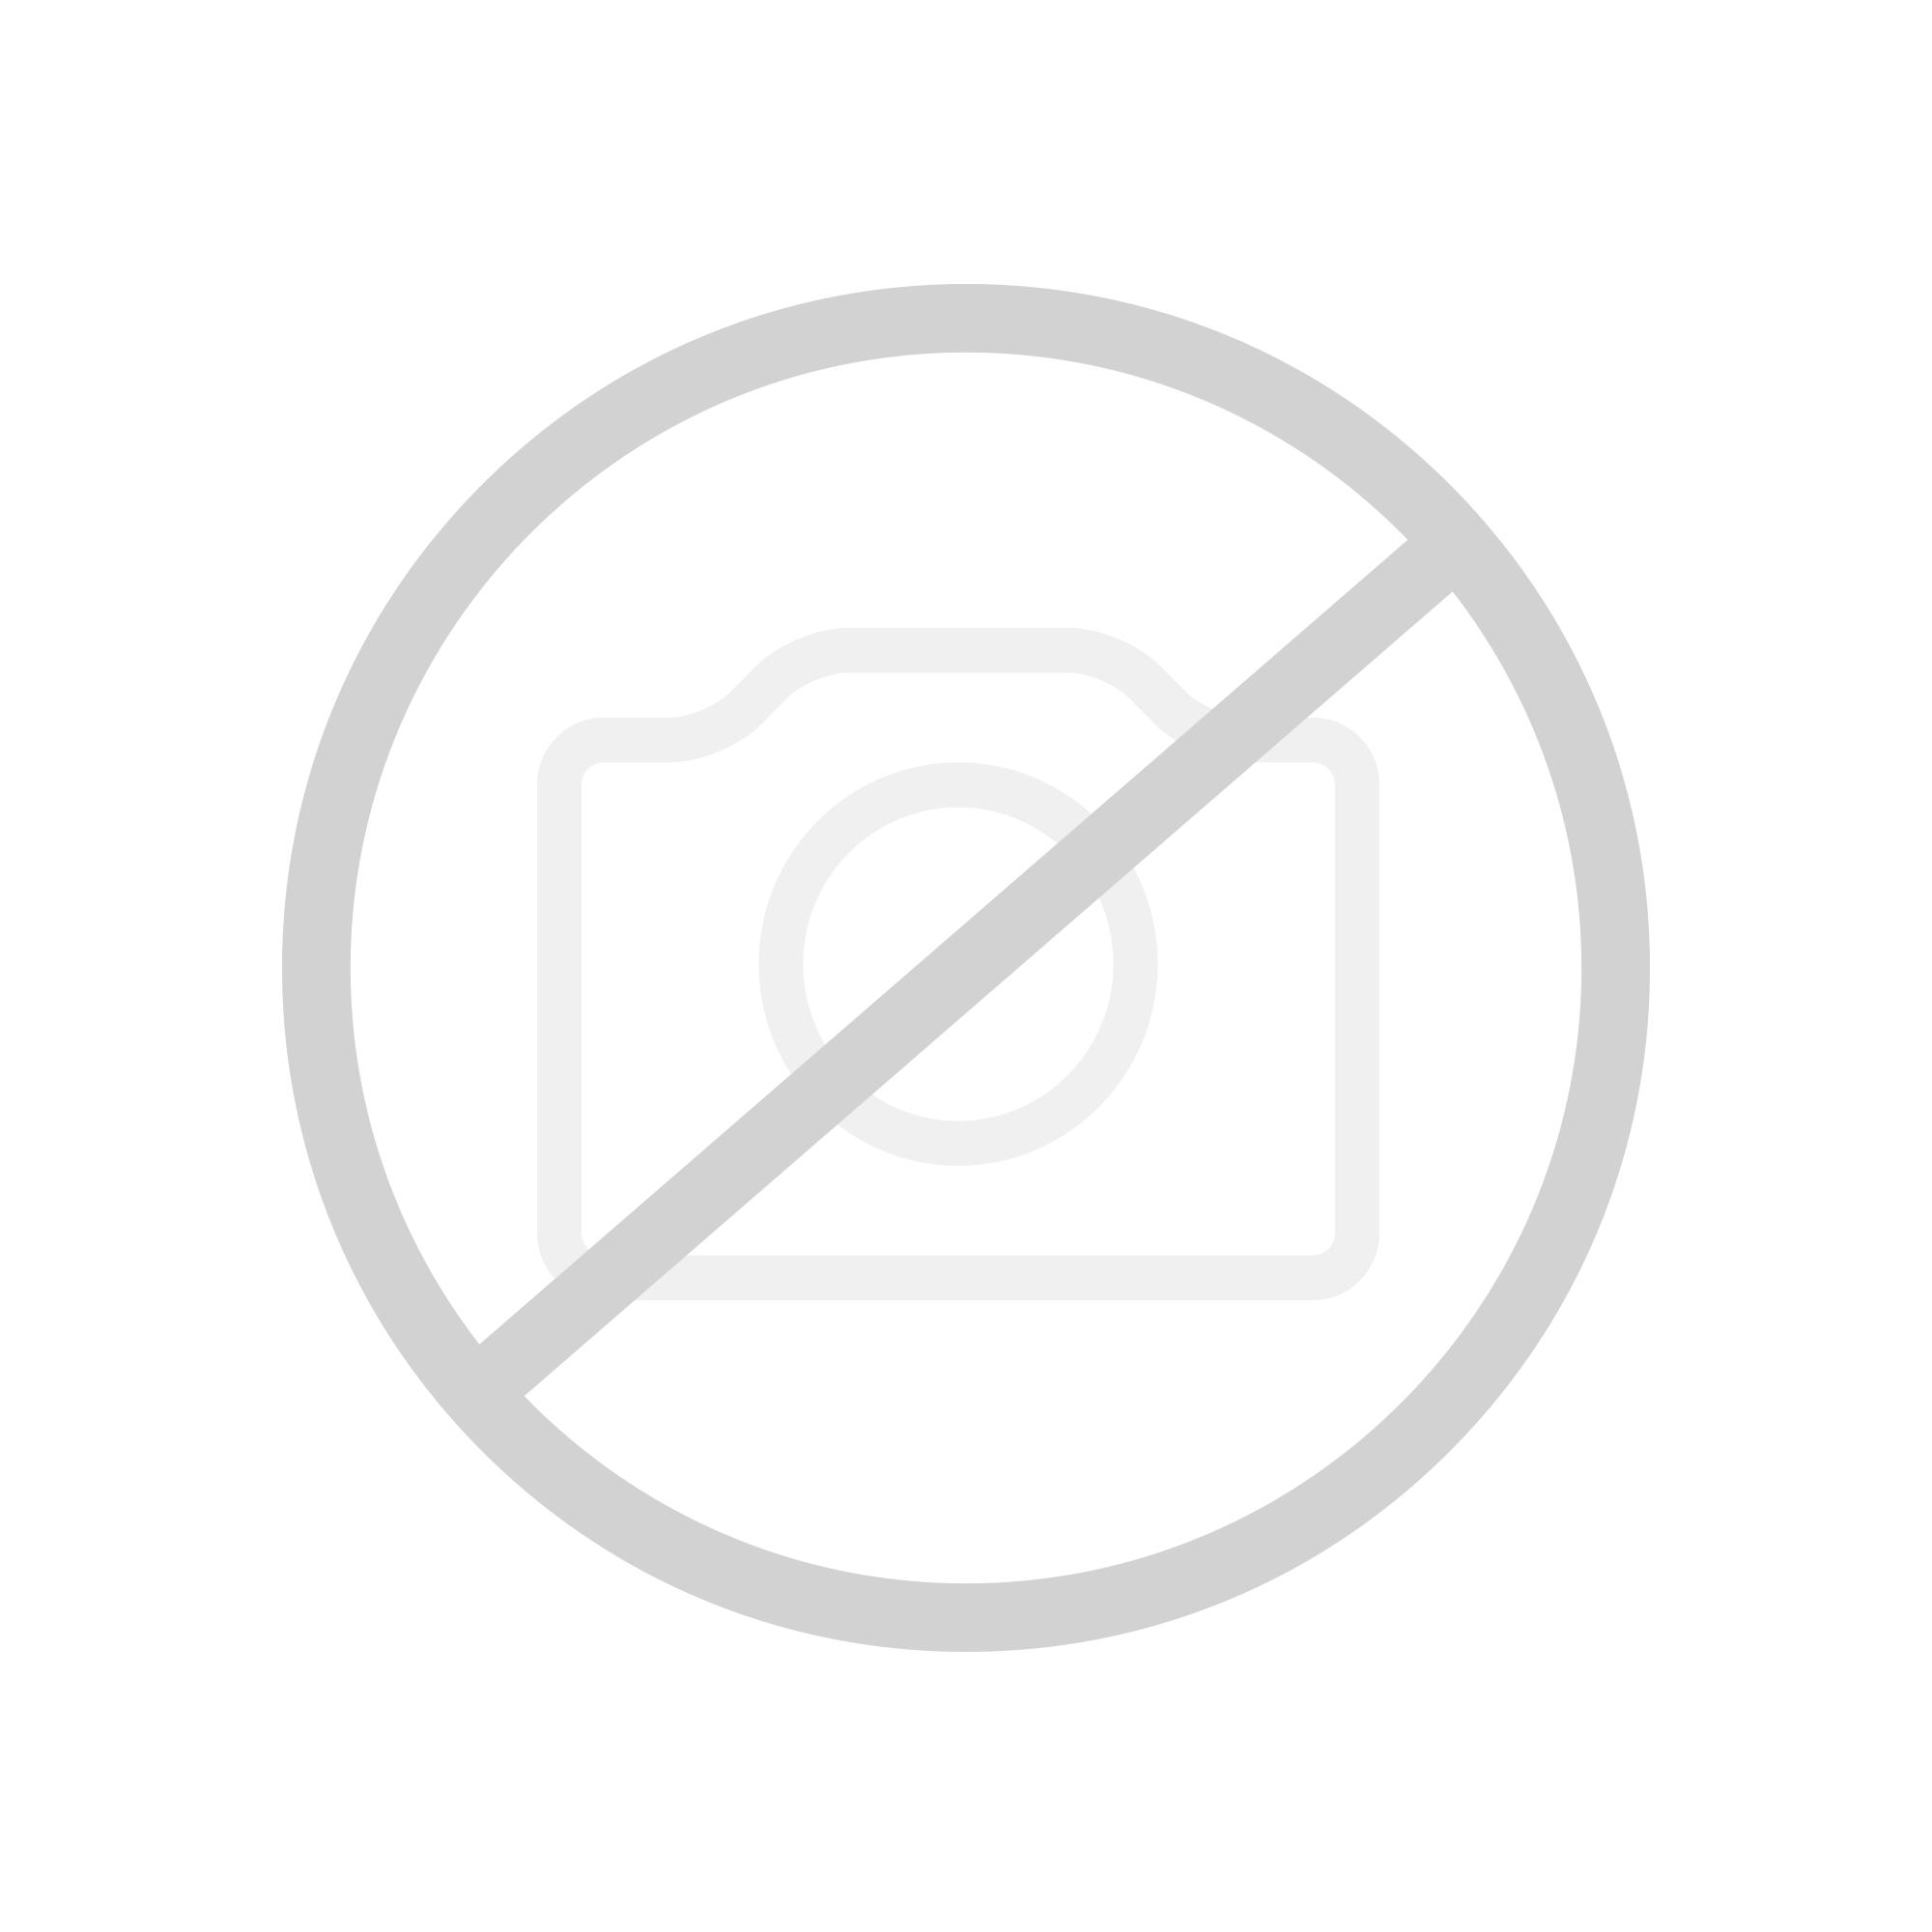 COR CONSETA Sofa mit Kufen, Echtleder